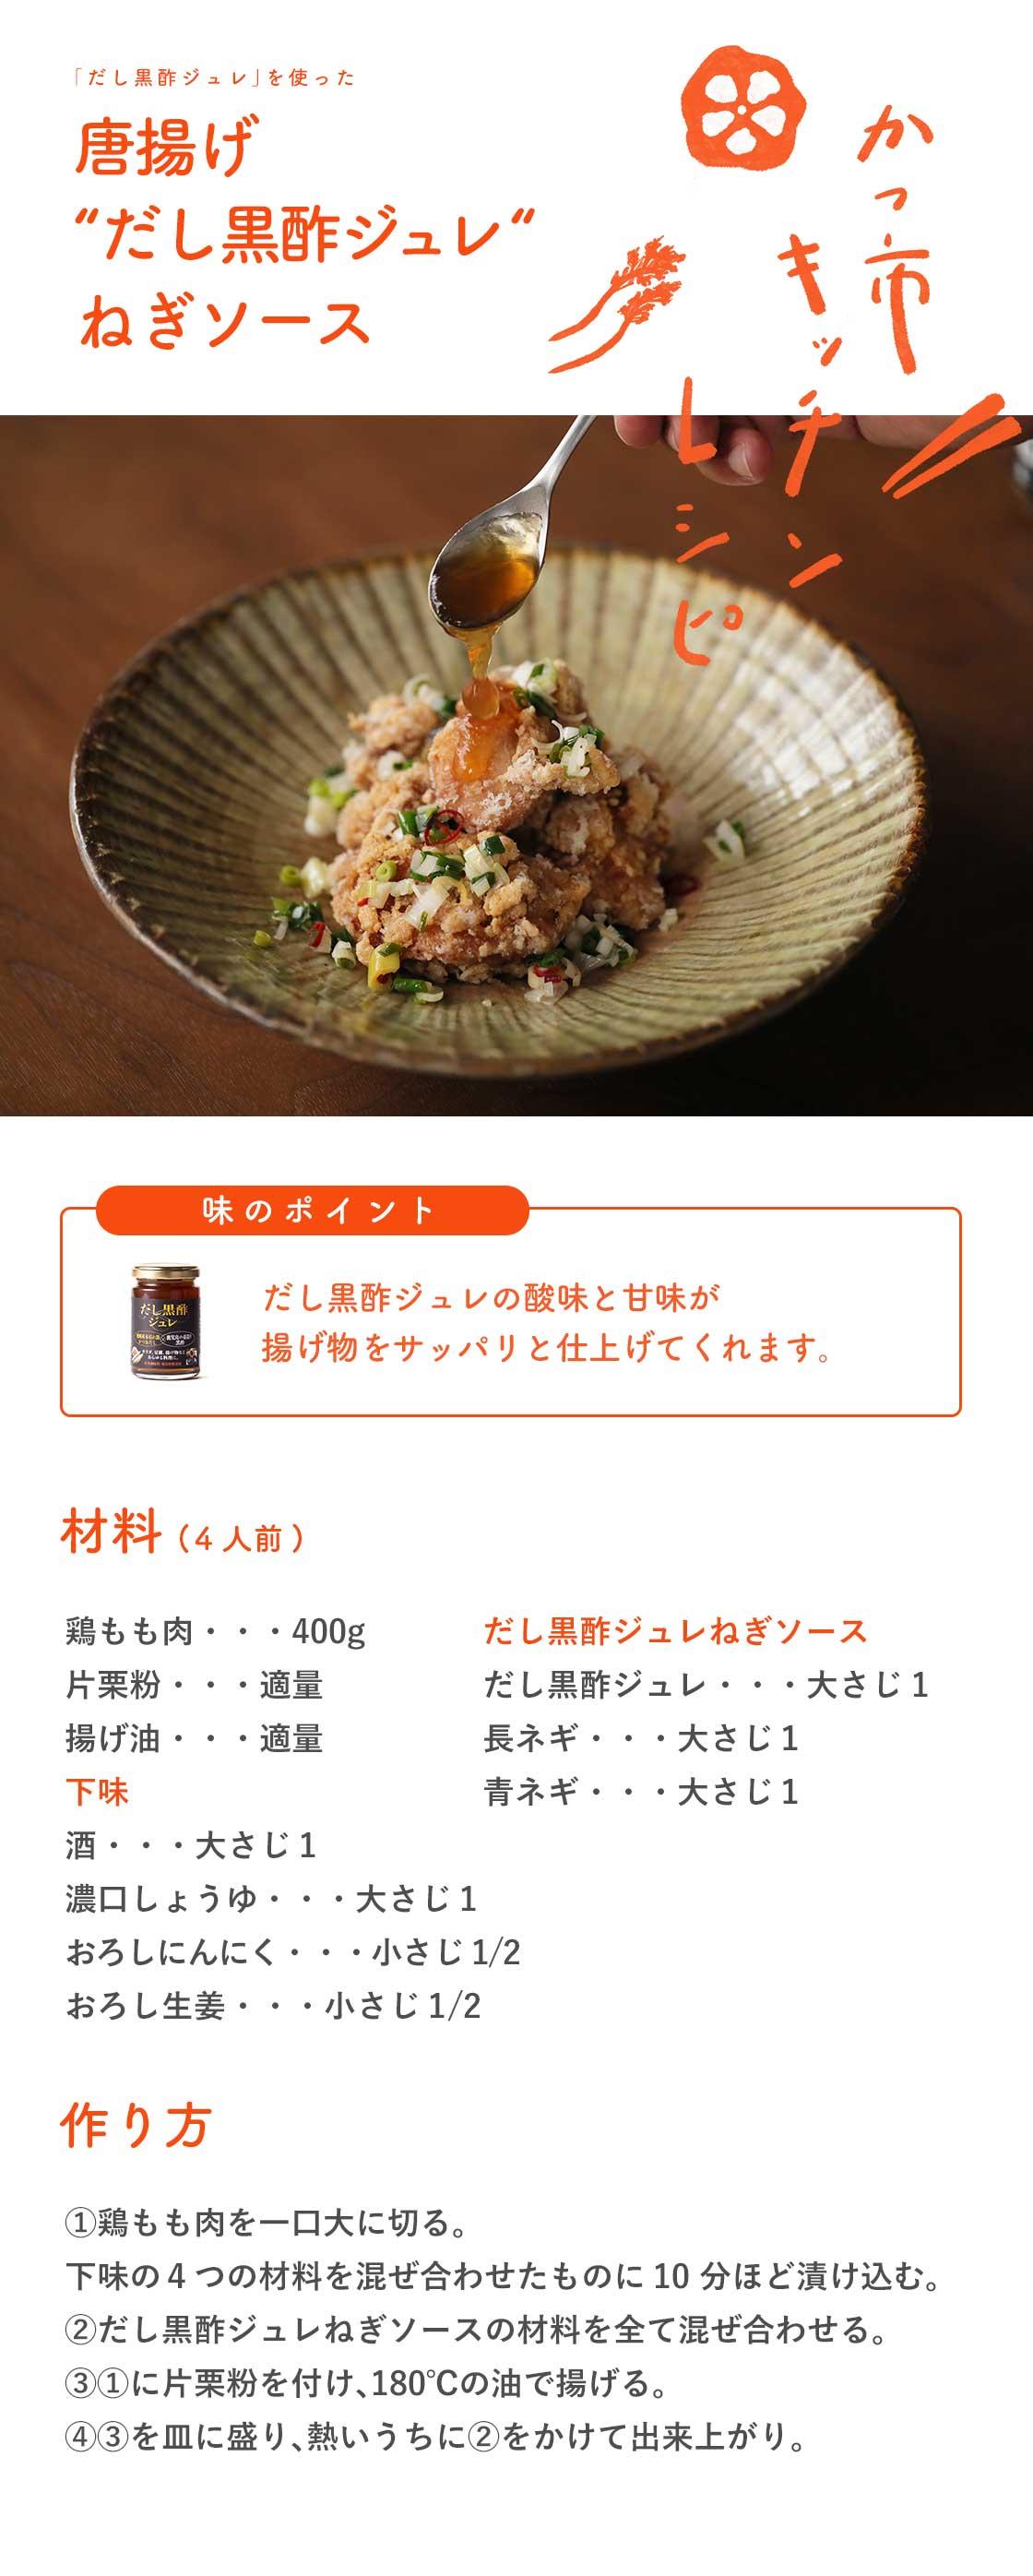 唐揚げだし黒酢ジュレねぎソースのレシピ